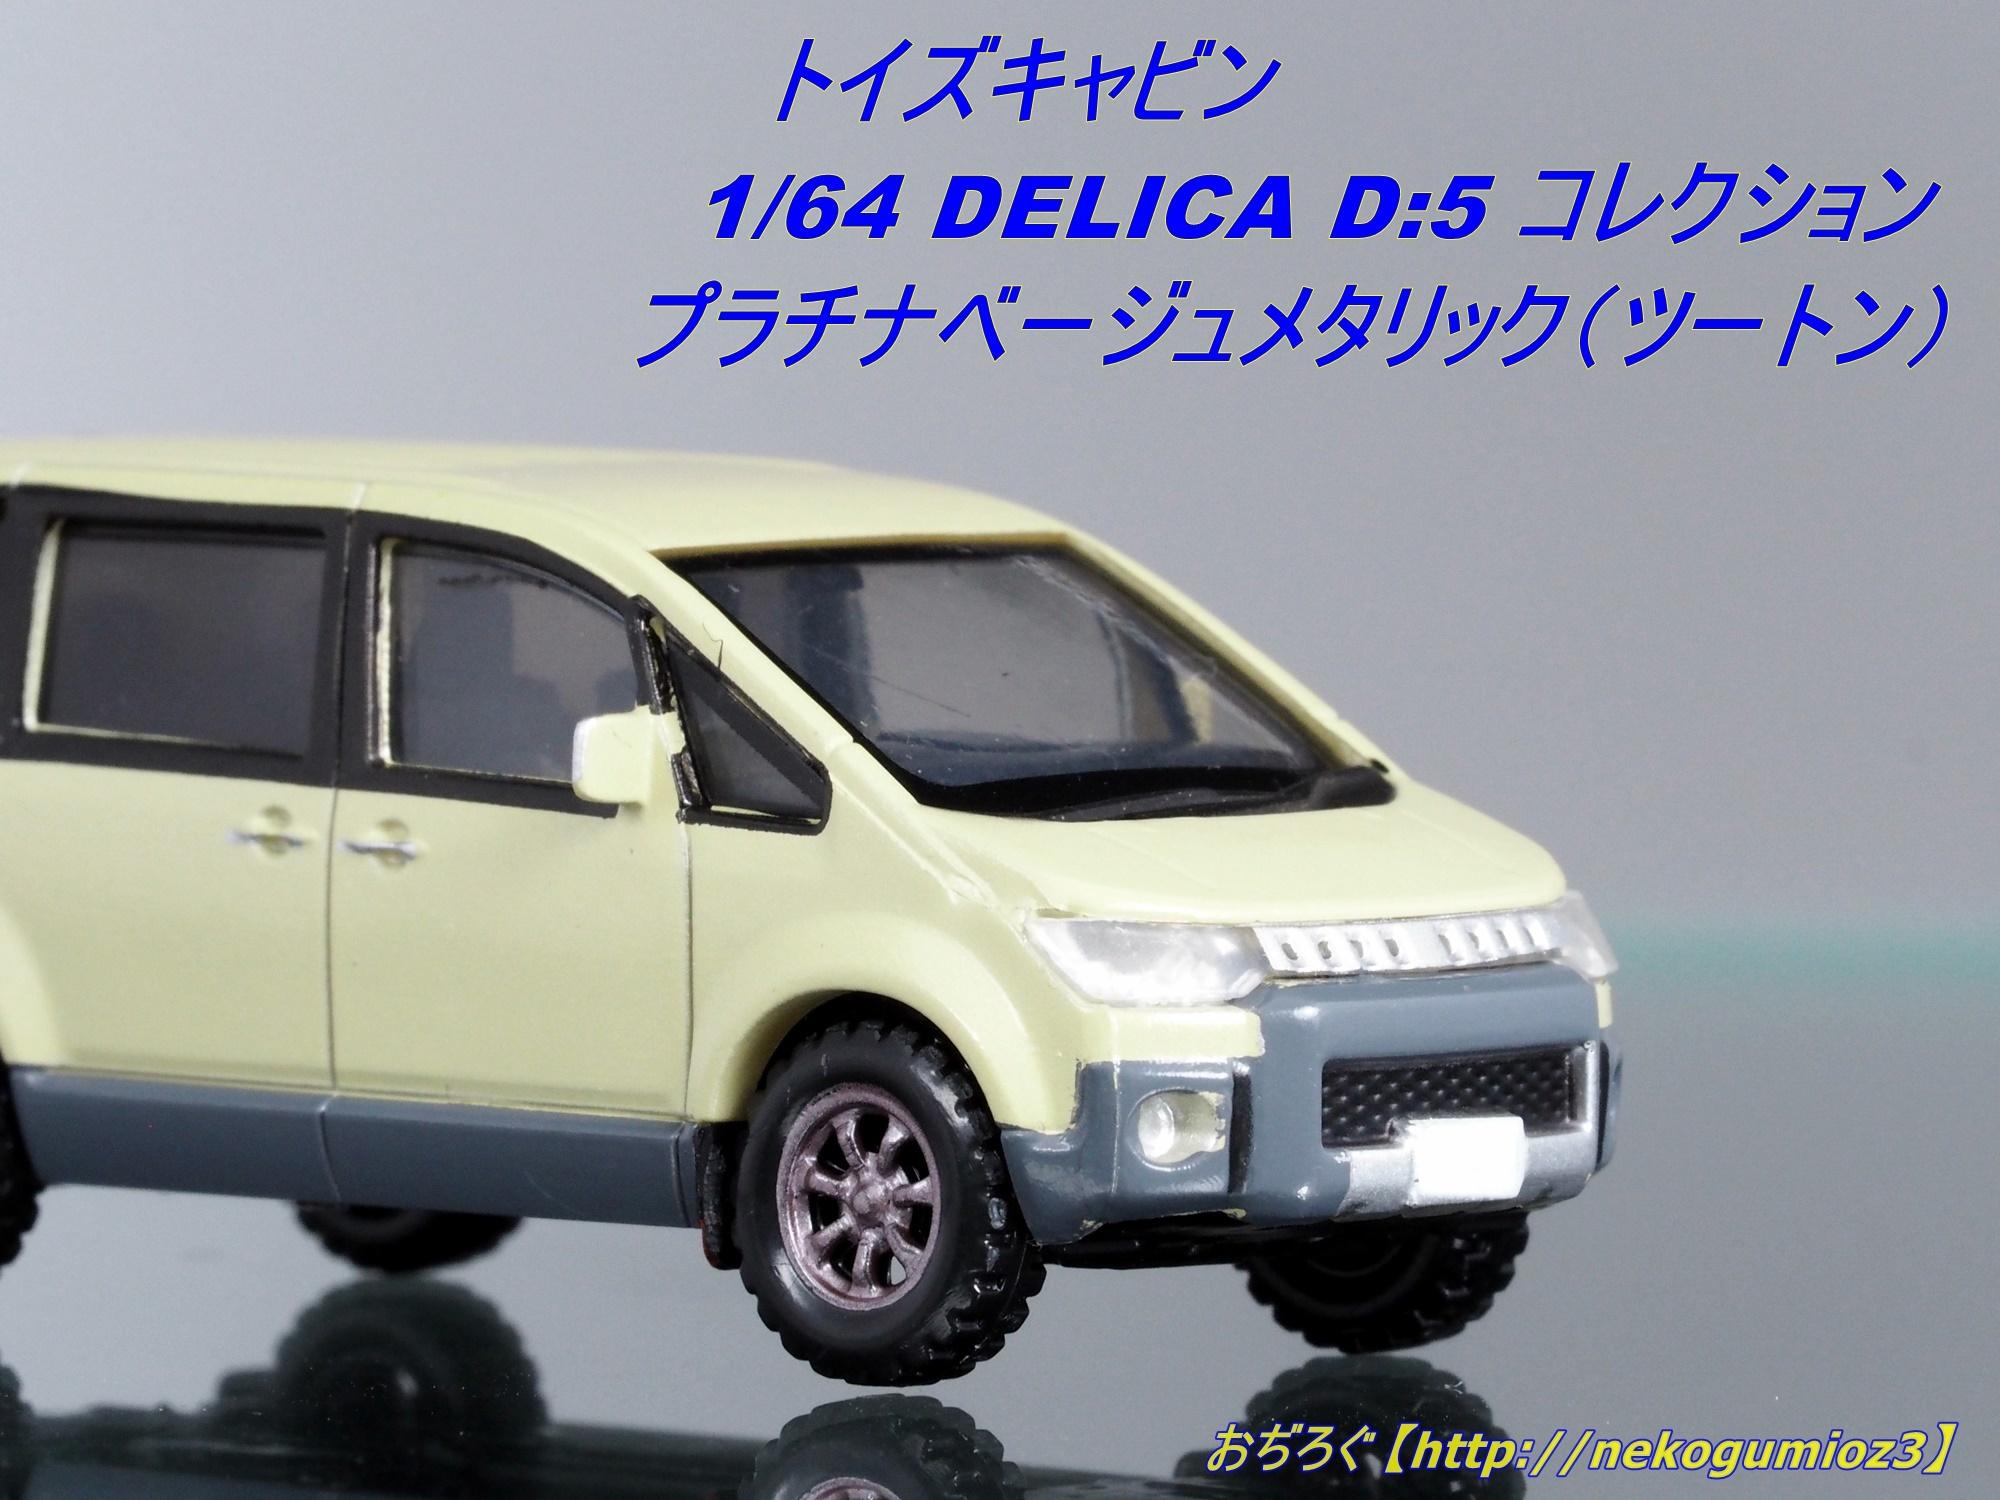 200601067.jpg